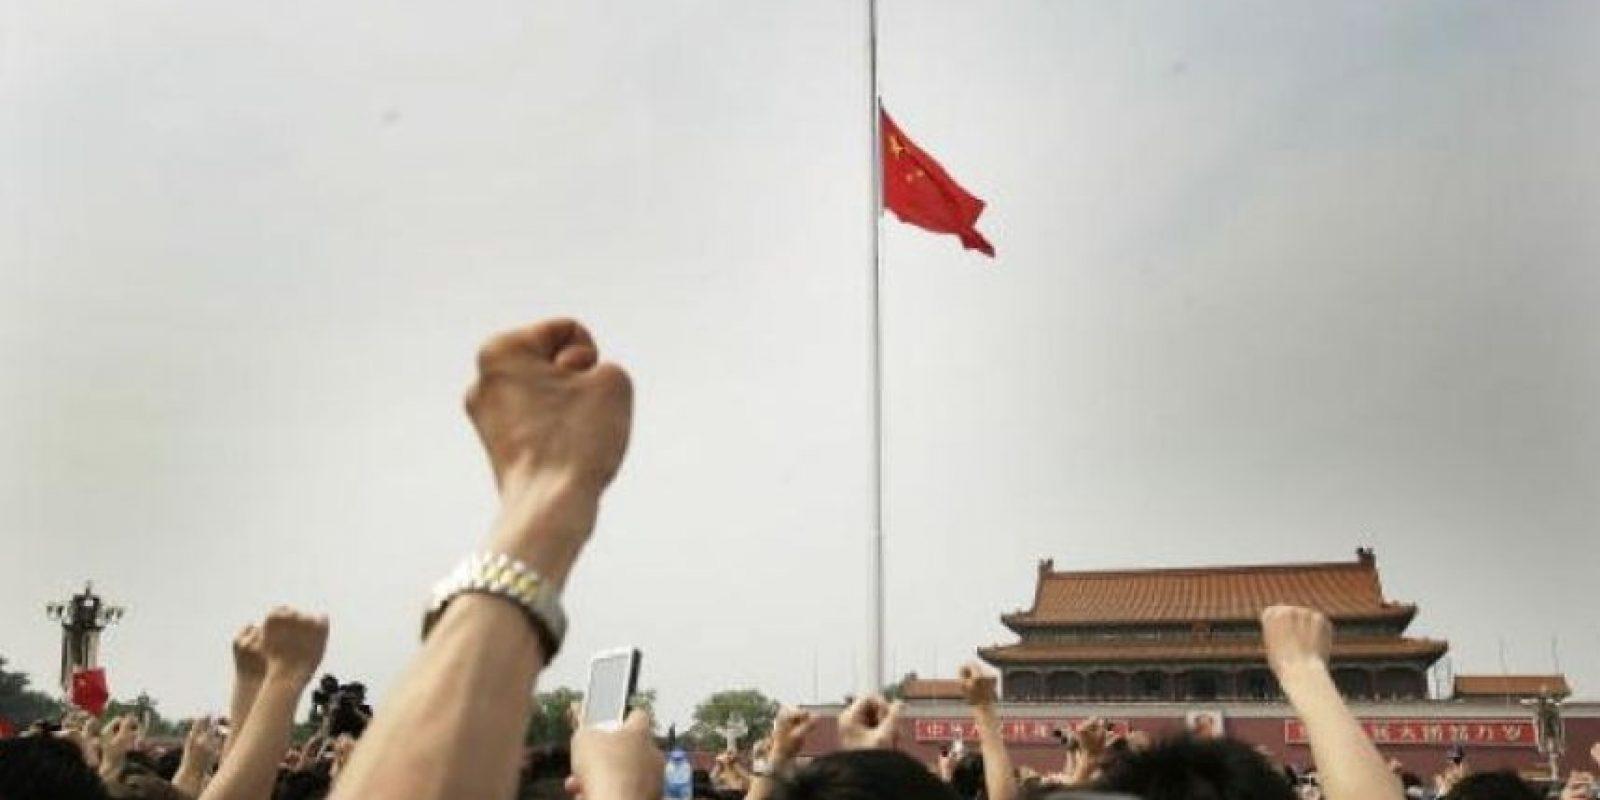 12 de mayo de 2008, Sichuan, China: 69 mil 195 muertos, 374 mil 177 heridos y 18 mil 392 personas desaparecidas dejó el sismo de 7.9 grados de magnitud. Foto:Getty Images